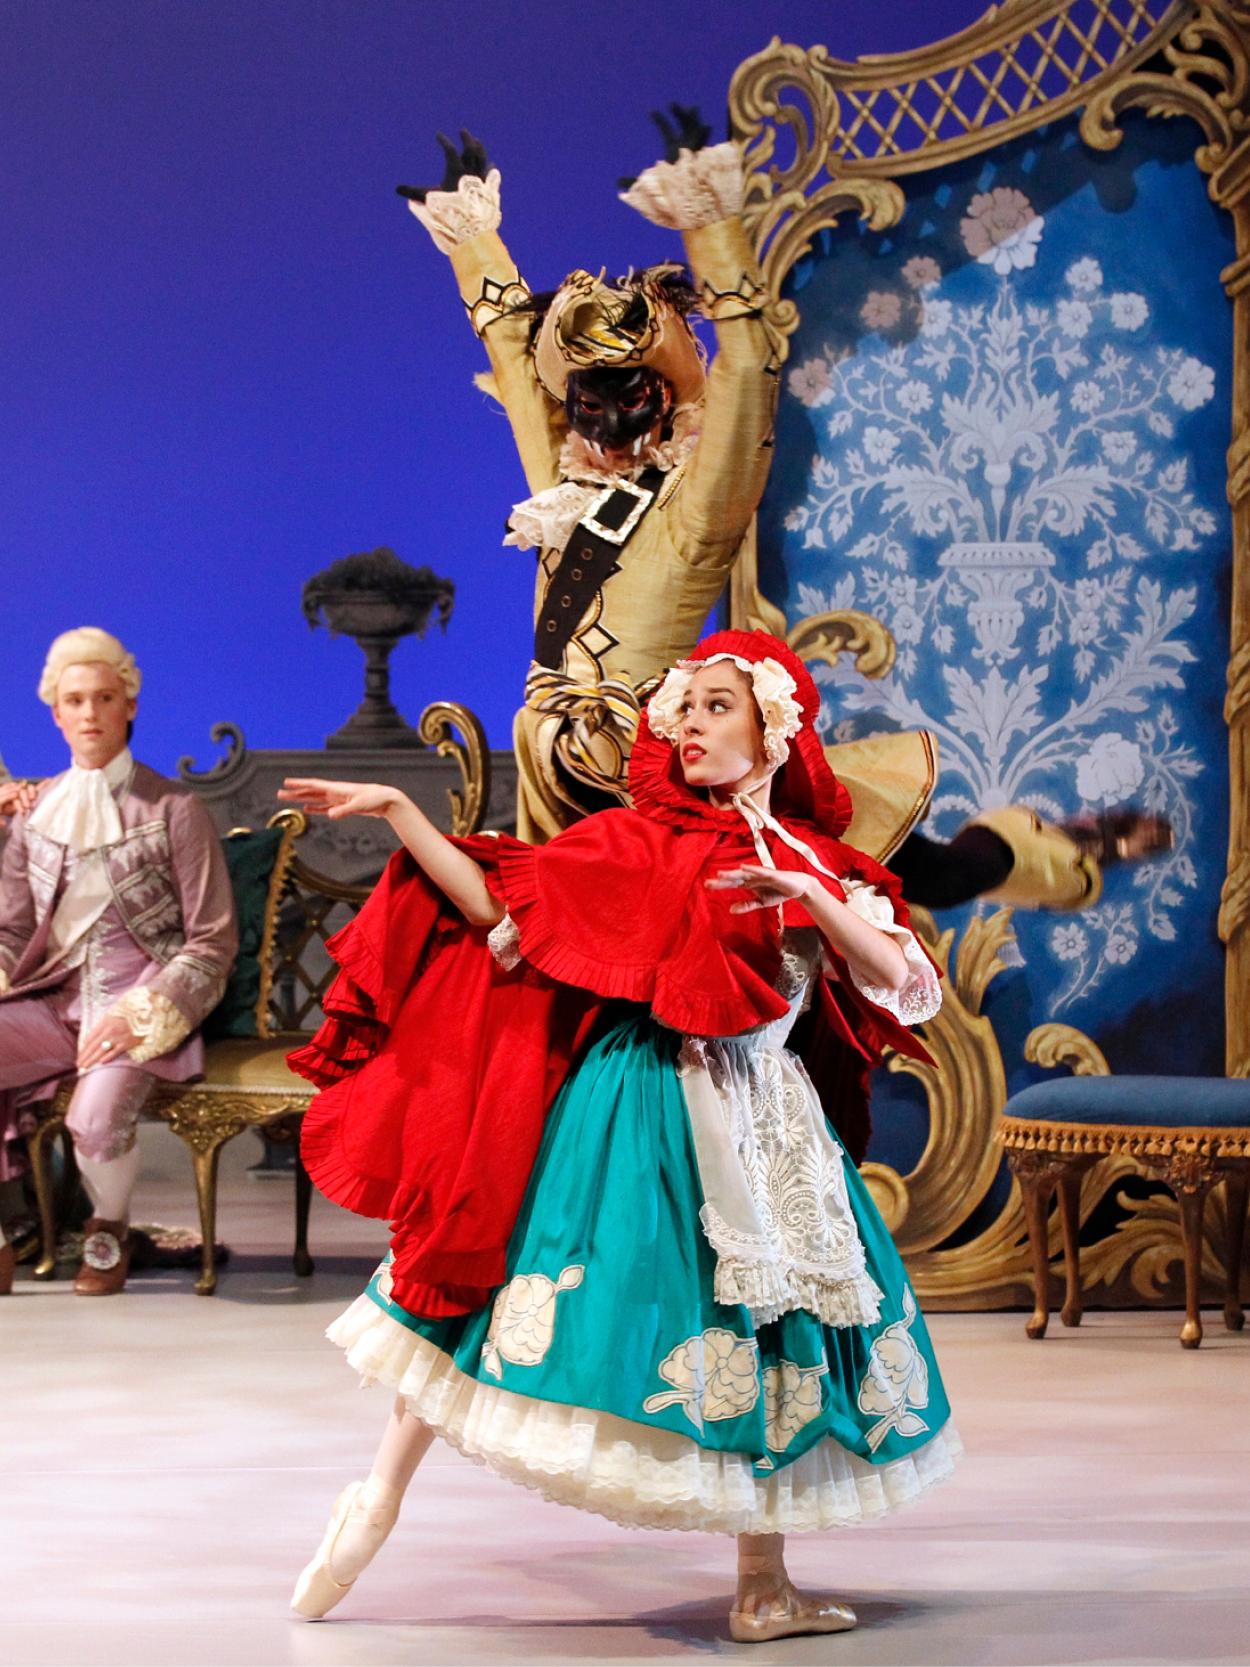 Storytime Ballet: The Sleeping Beauty | The Australian Ballet